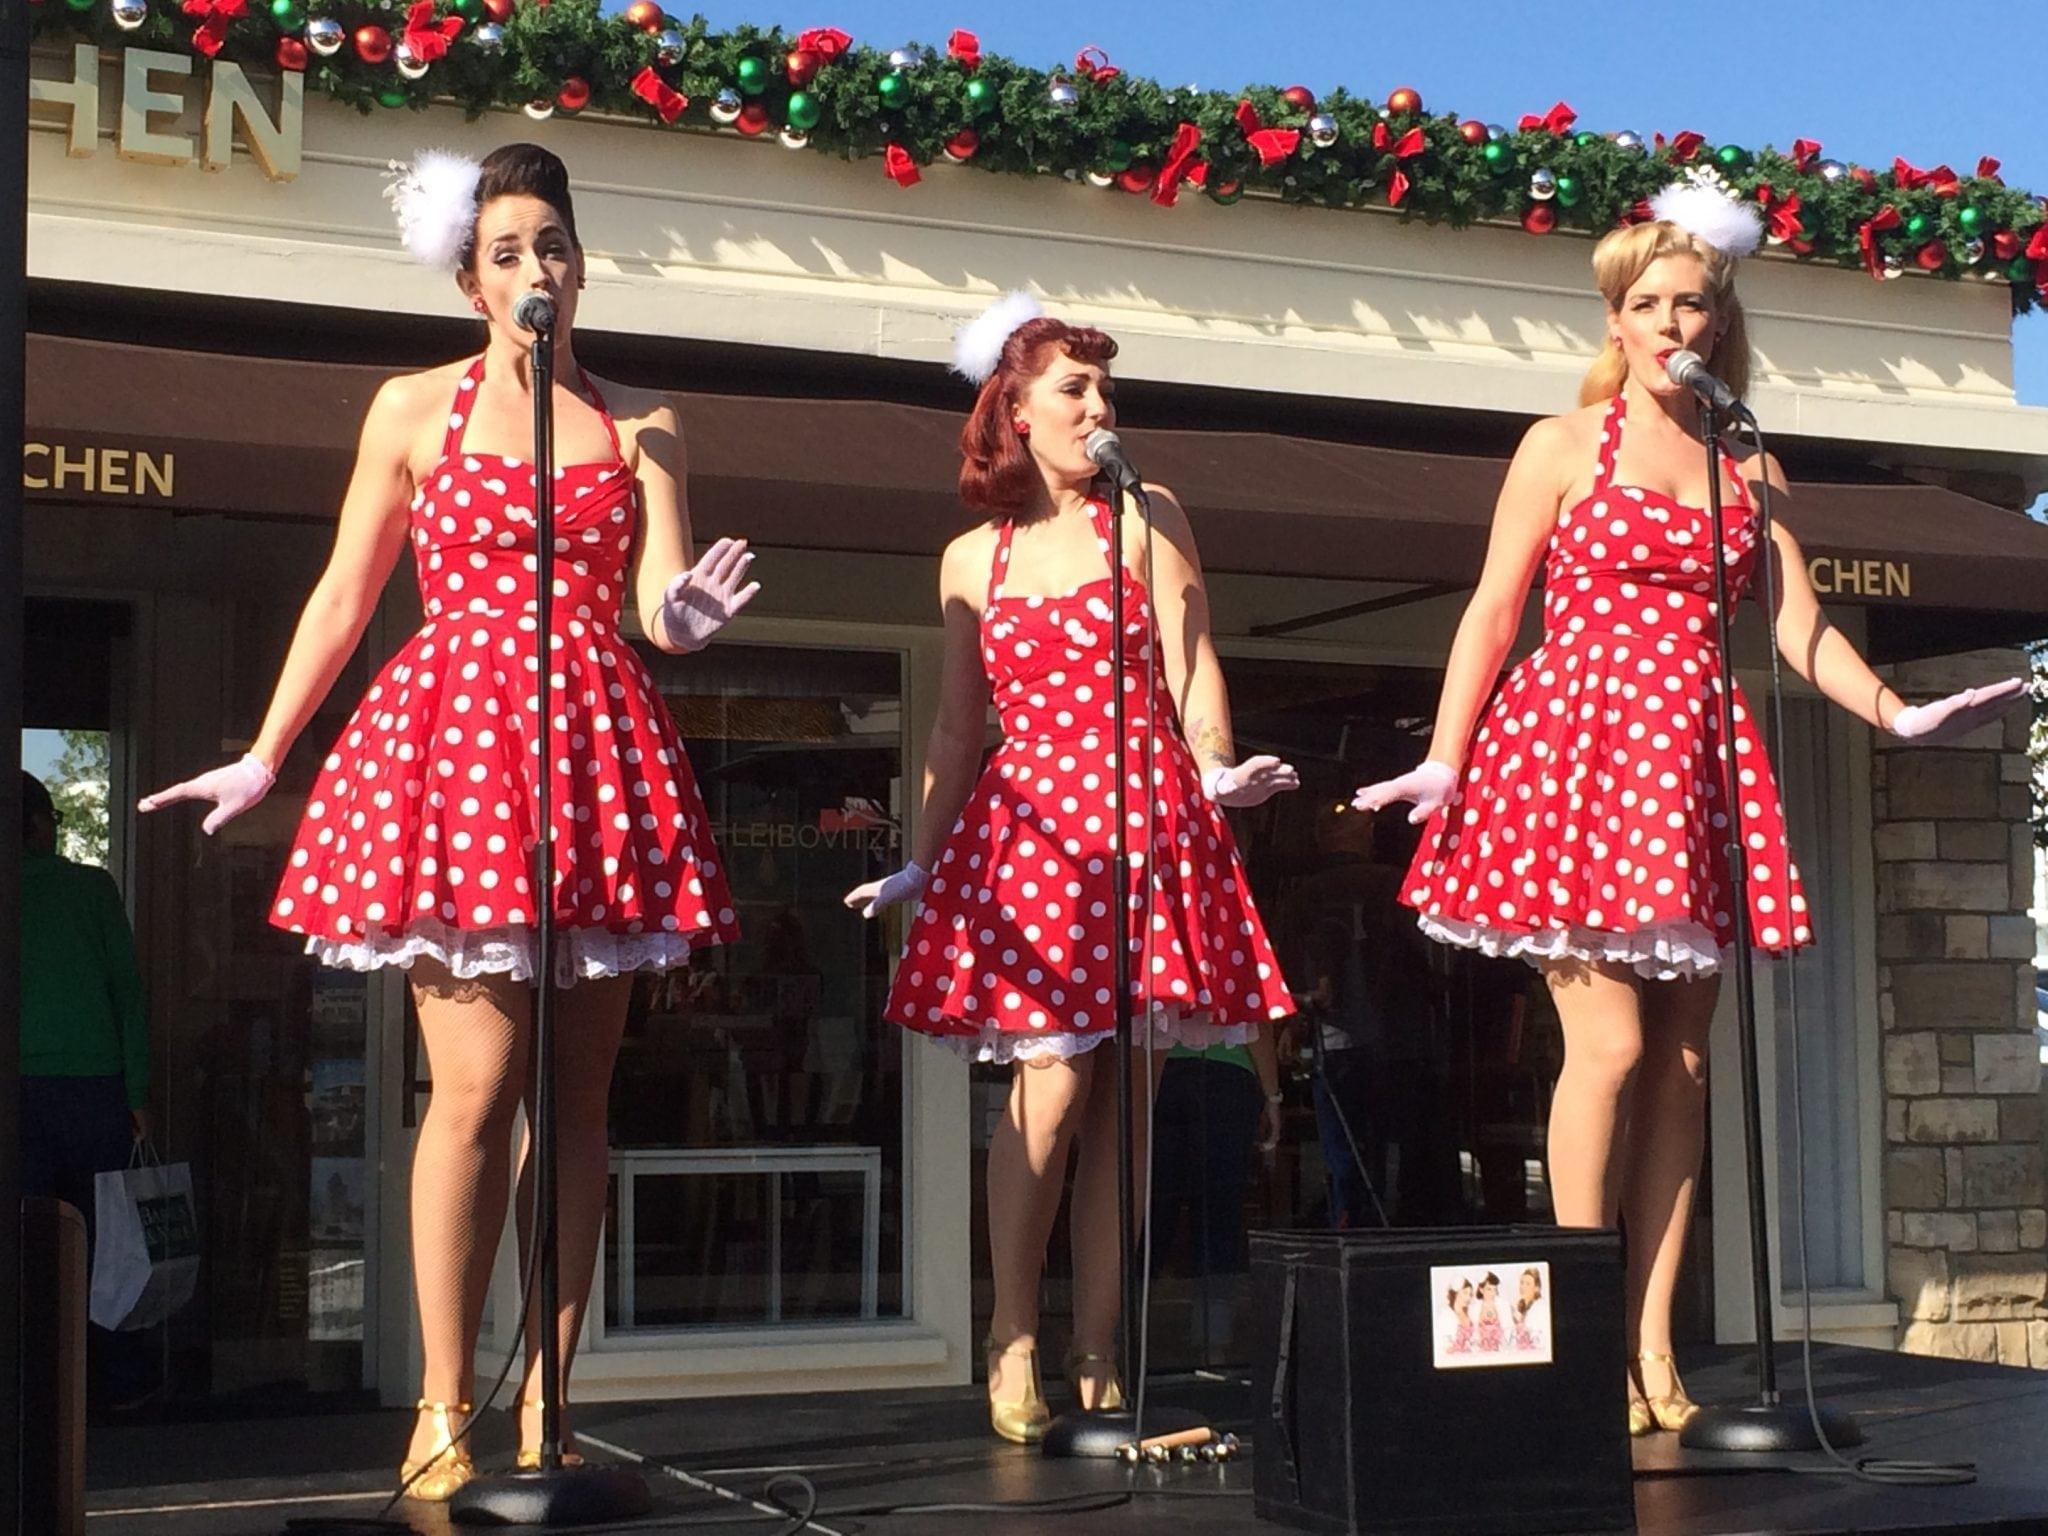 Holiday Celebration at Farmers Market